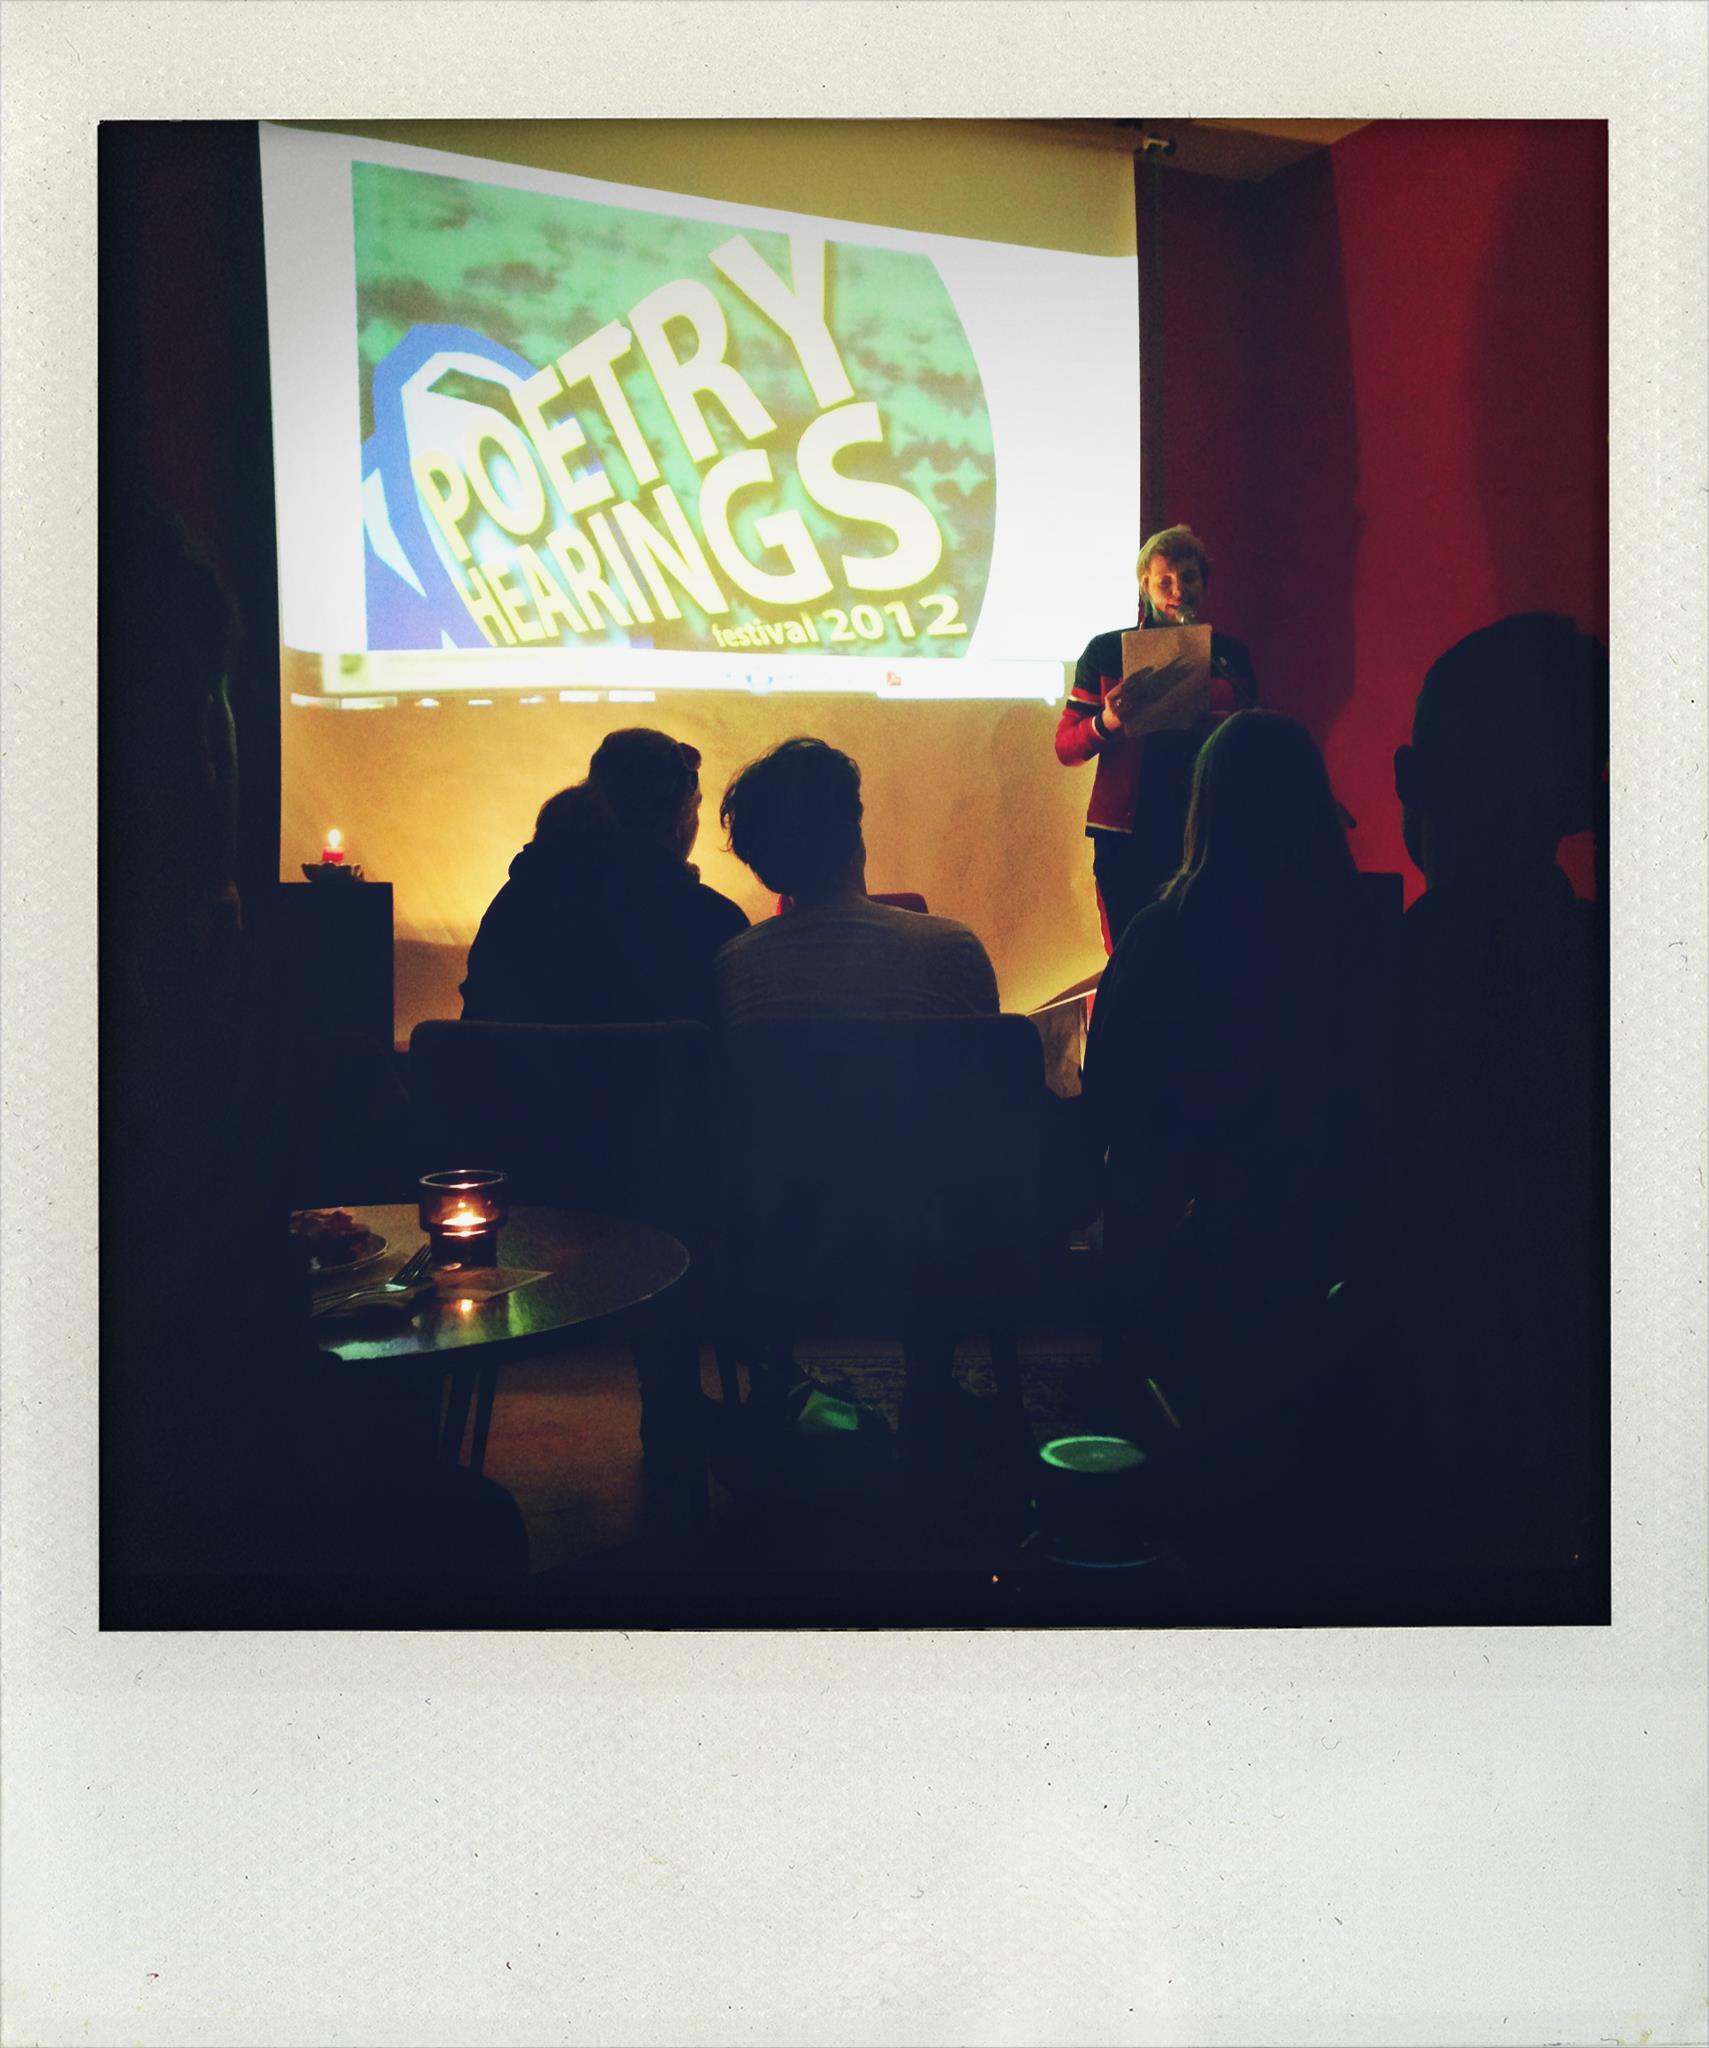 poetry hearings, berlijn, duitsland